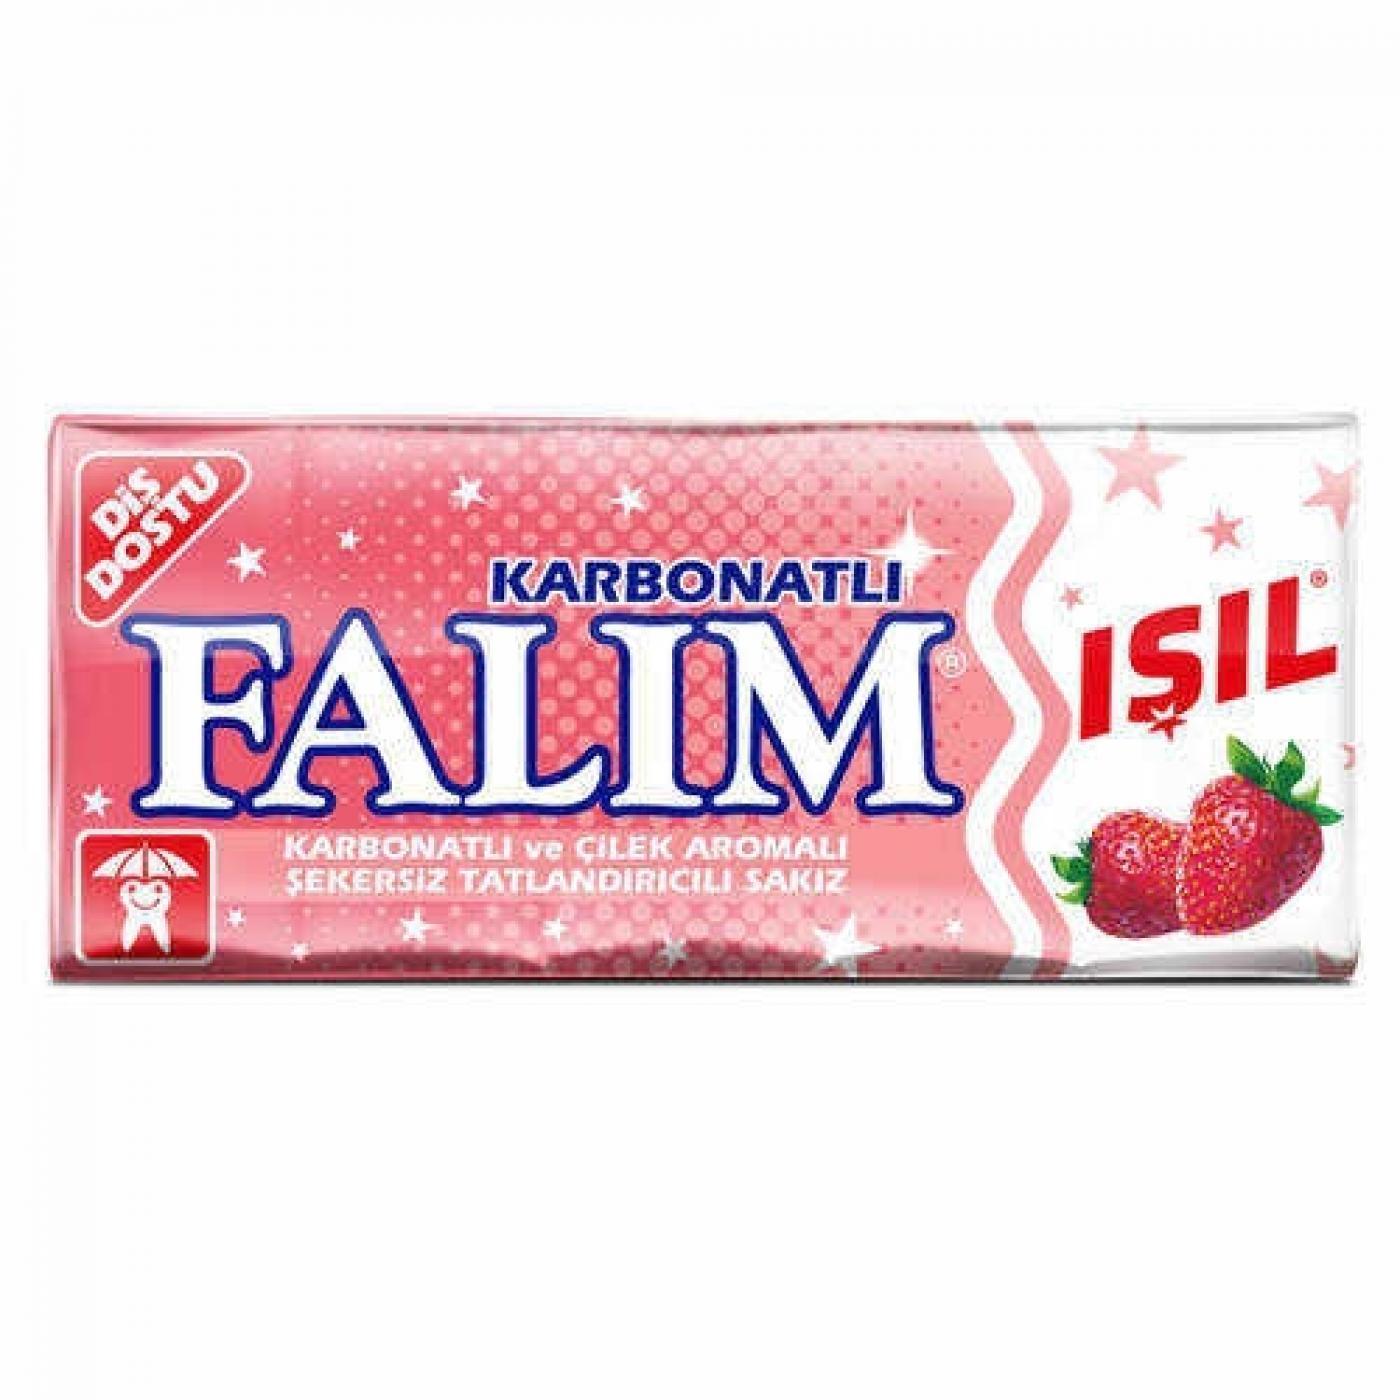 FALIM 5Lİ IŞIL ÇİLEK